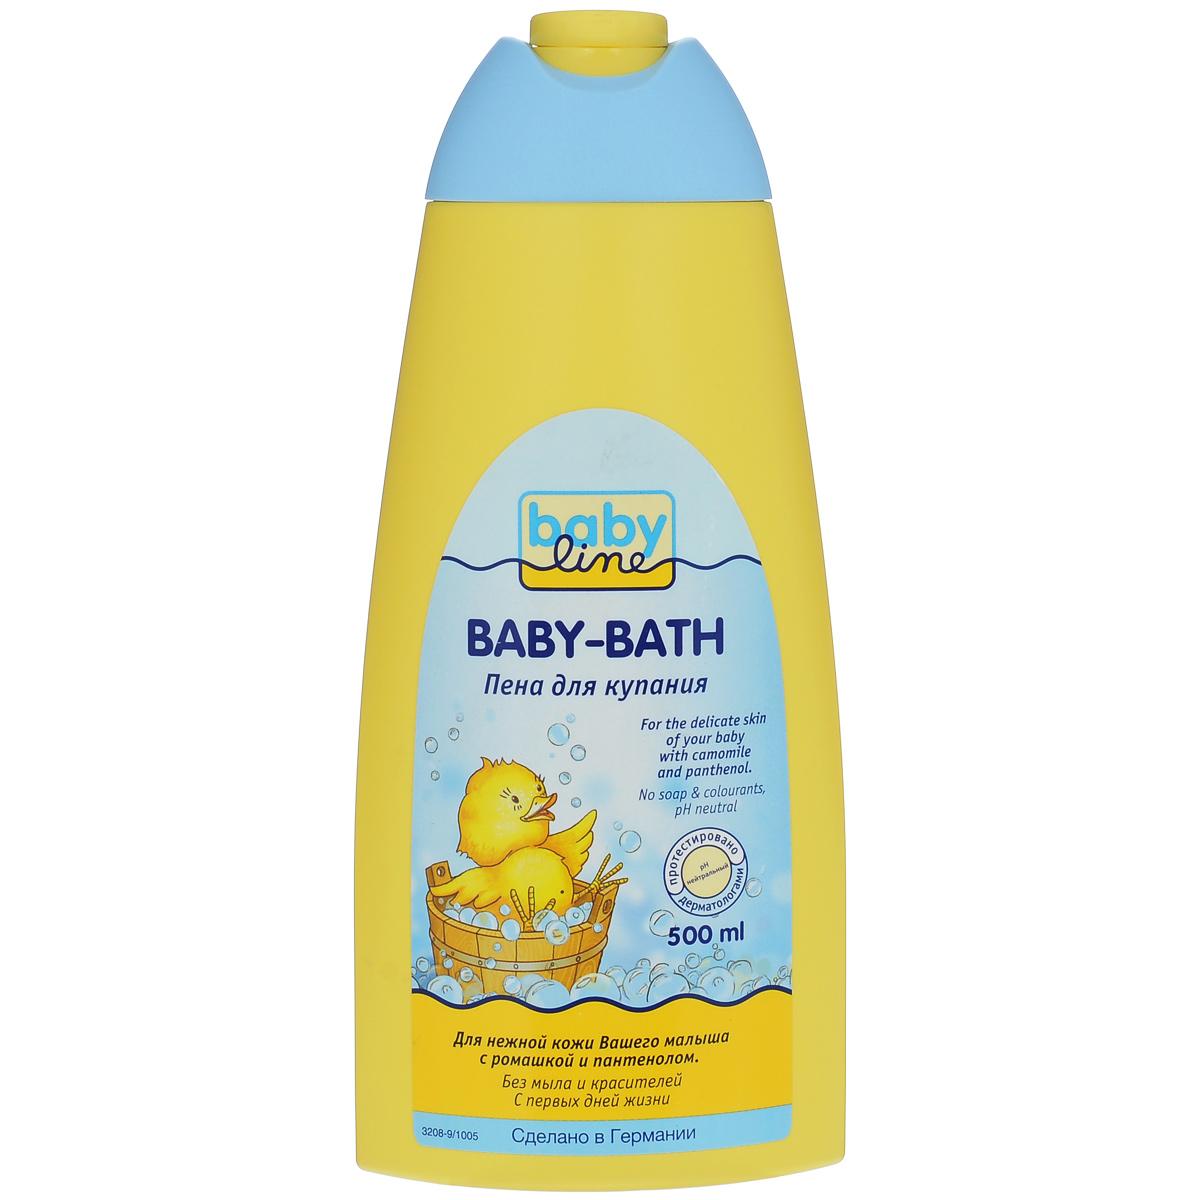 Пена для купания очищает нежно и мягко. Подходит для детей и взрослых.Товар сертифицирован.